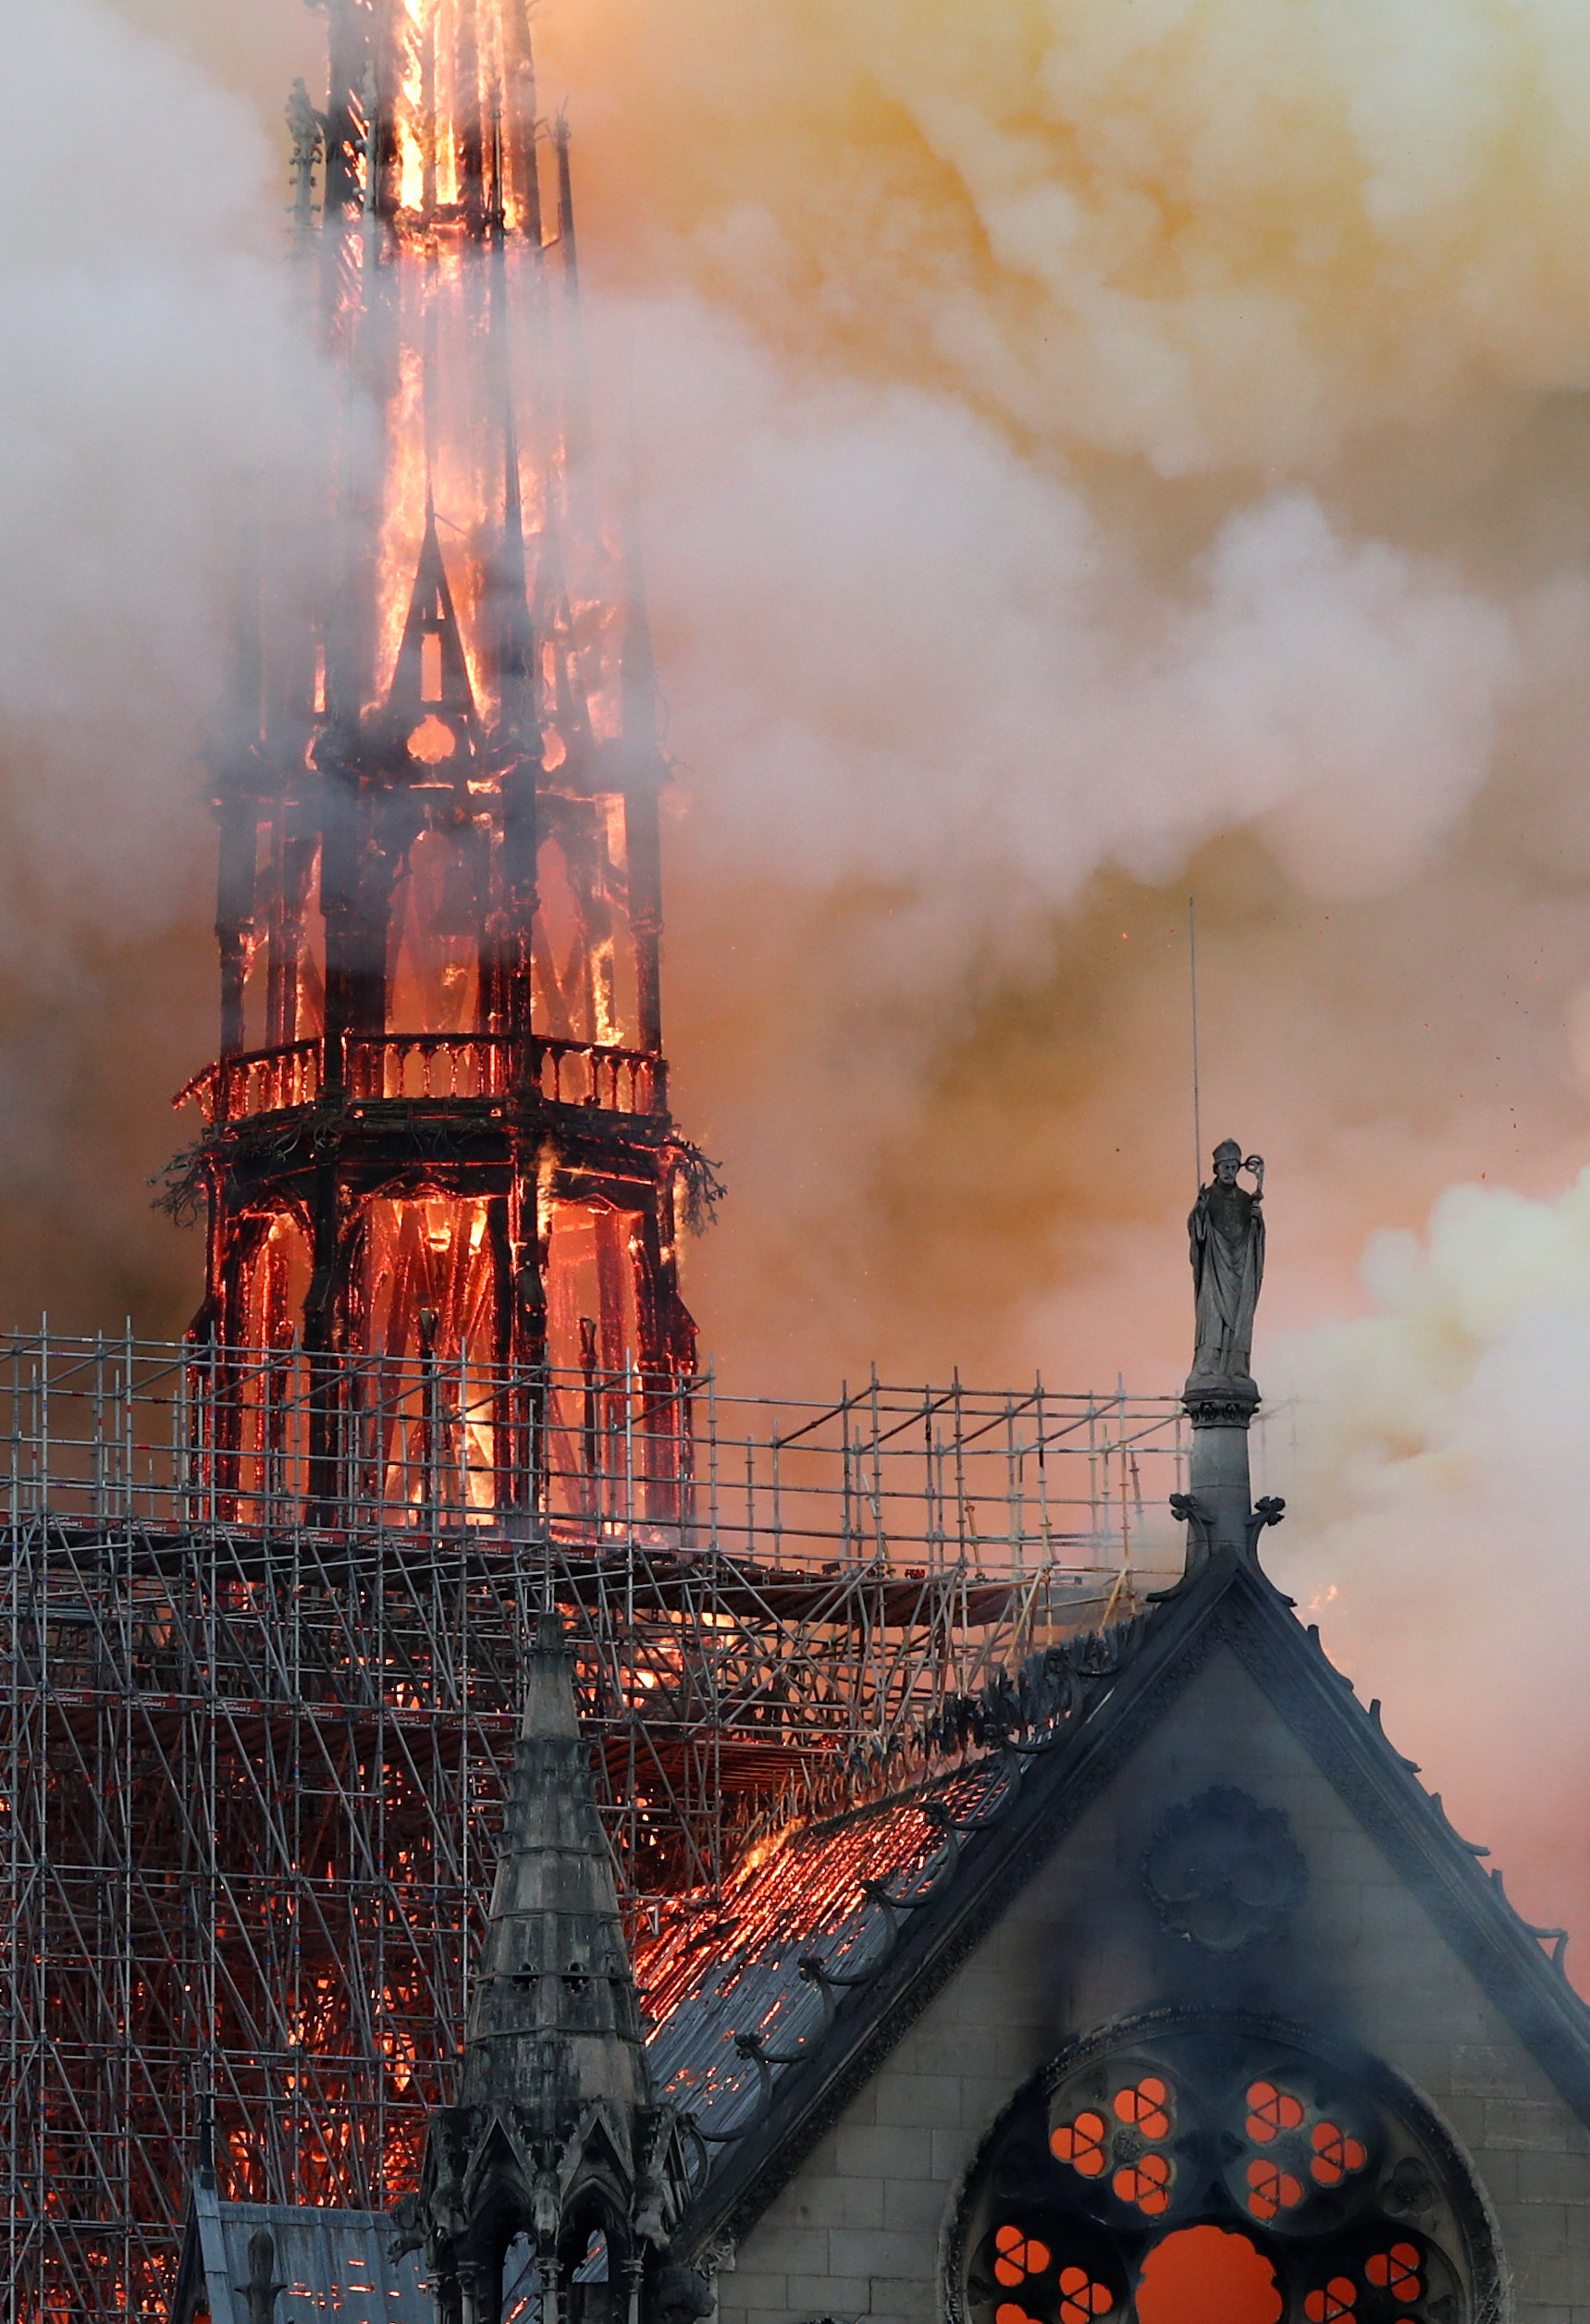 이날 발생한 화재로 대성당의 첨탑이 불타오르고 있다. [로이터=연합뉴스]